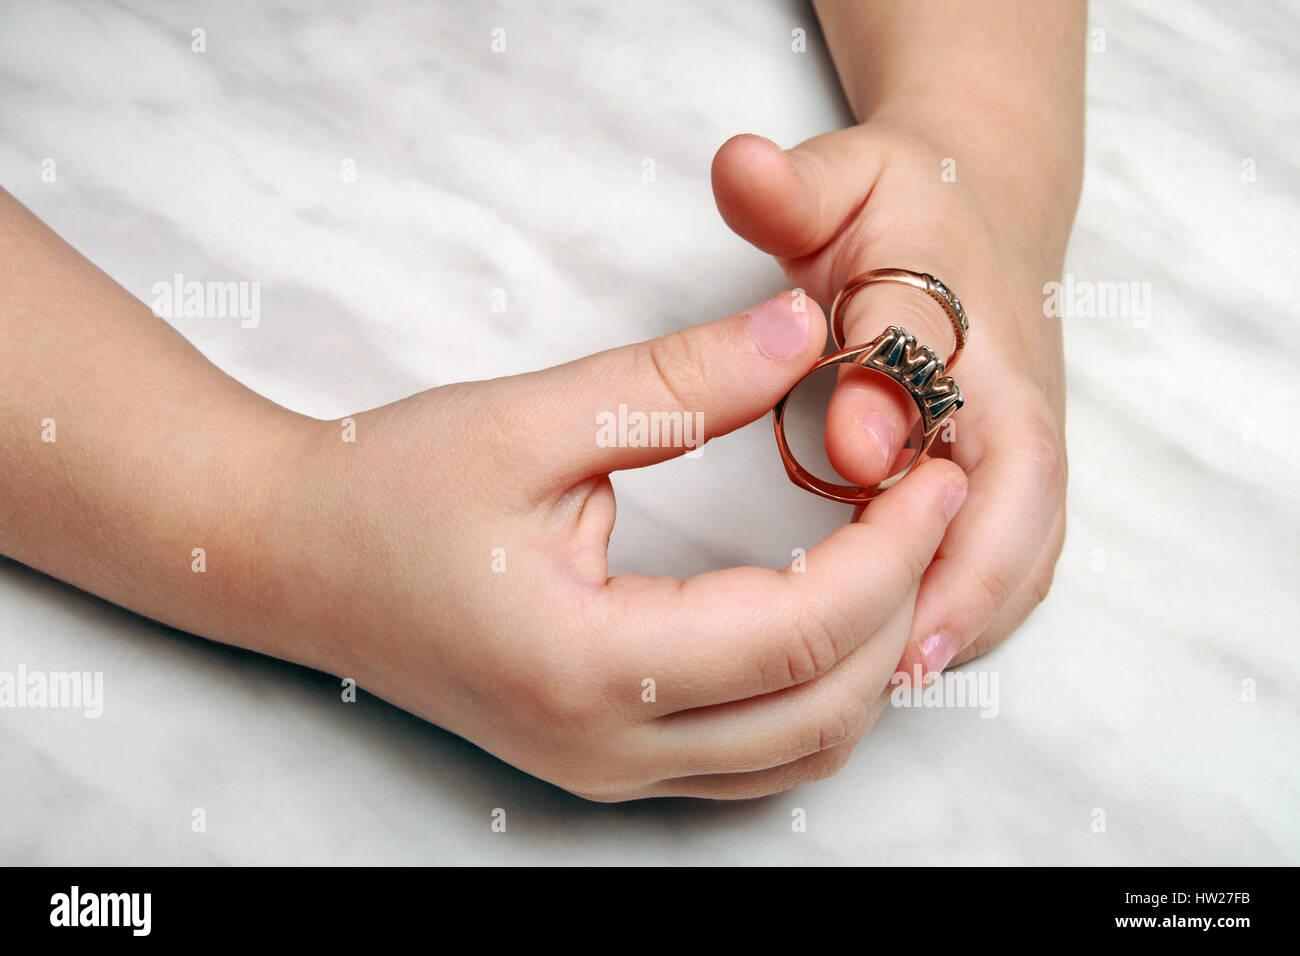 Hände des Mädchens, das versucht, an den Ringen Stockbild